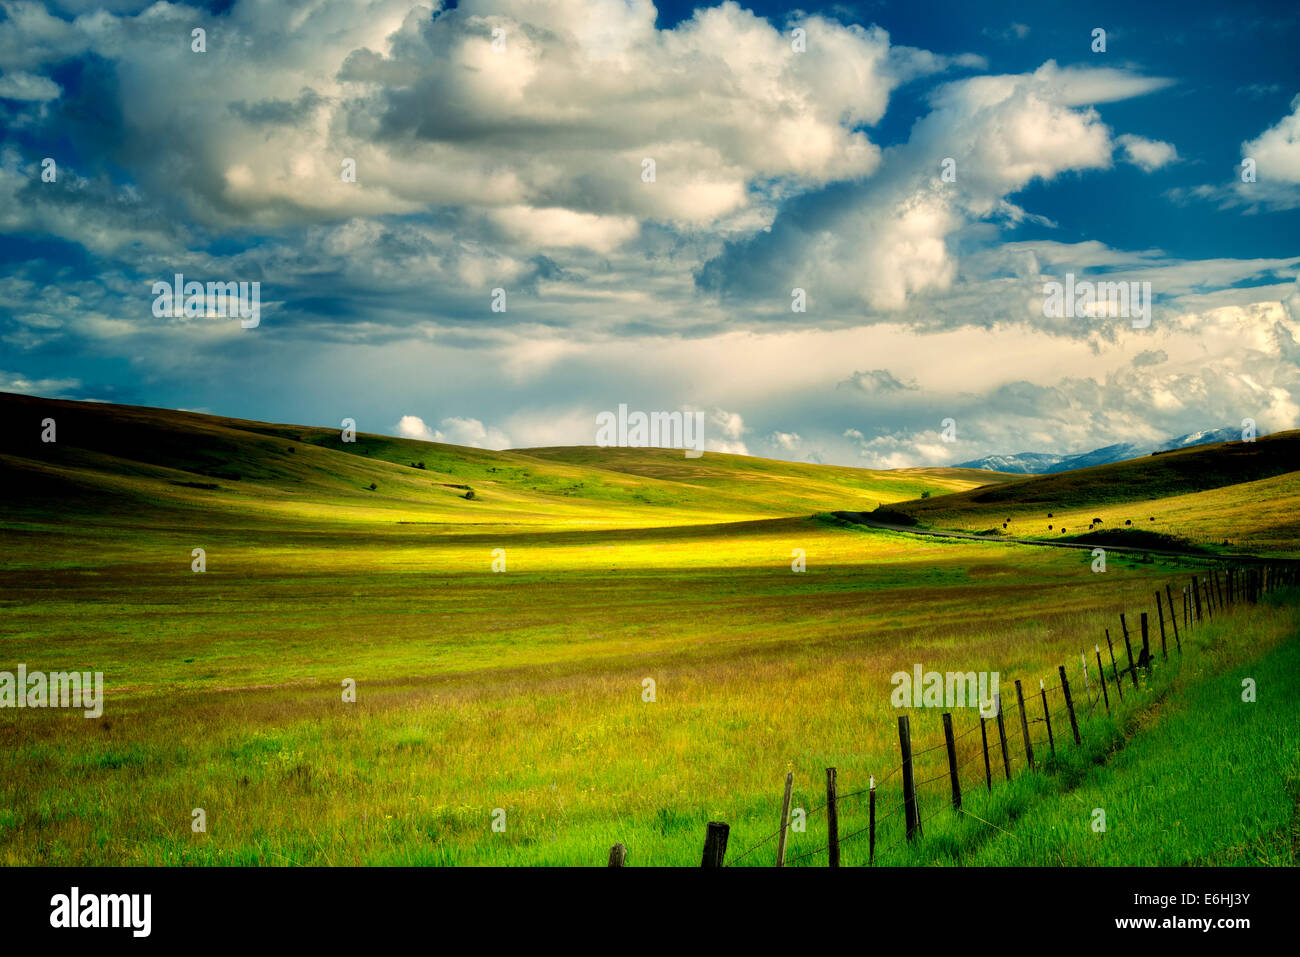 Nuages de pâturage et clôture. Prairie Zumwalt, Oregon,vaches,vache Photo Stock